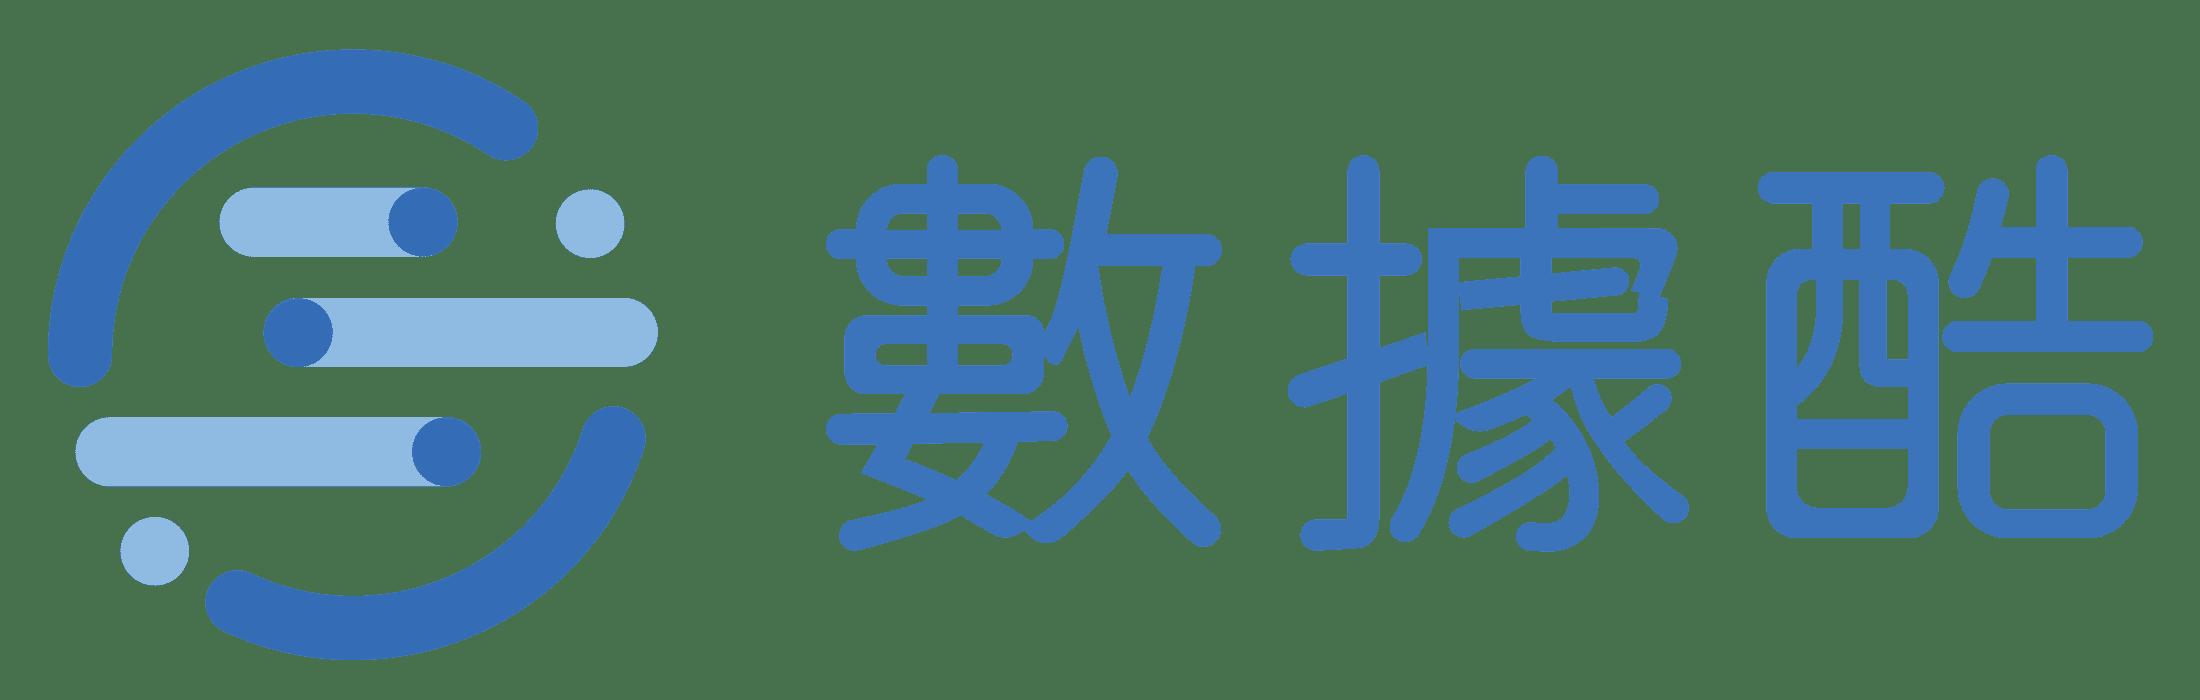 2200x700文字logo-正常版